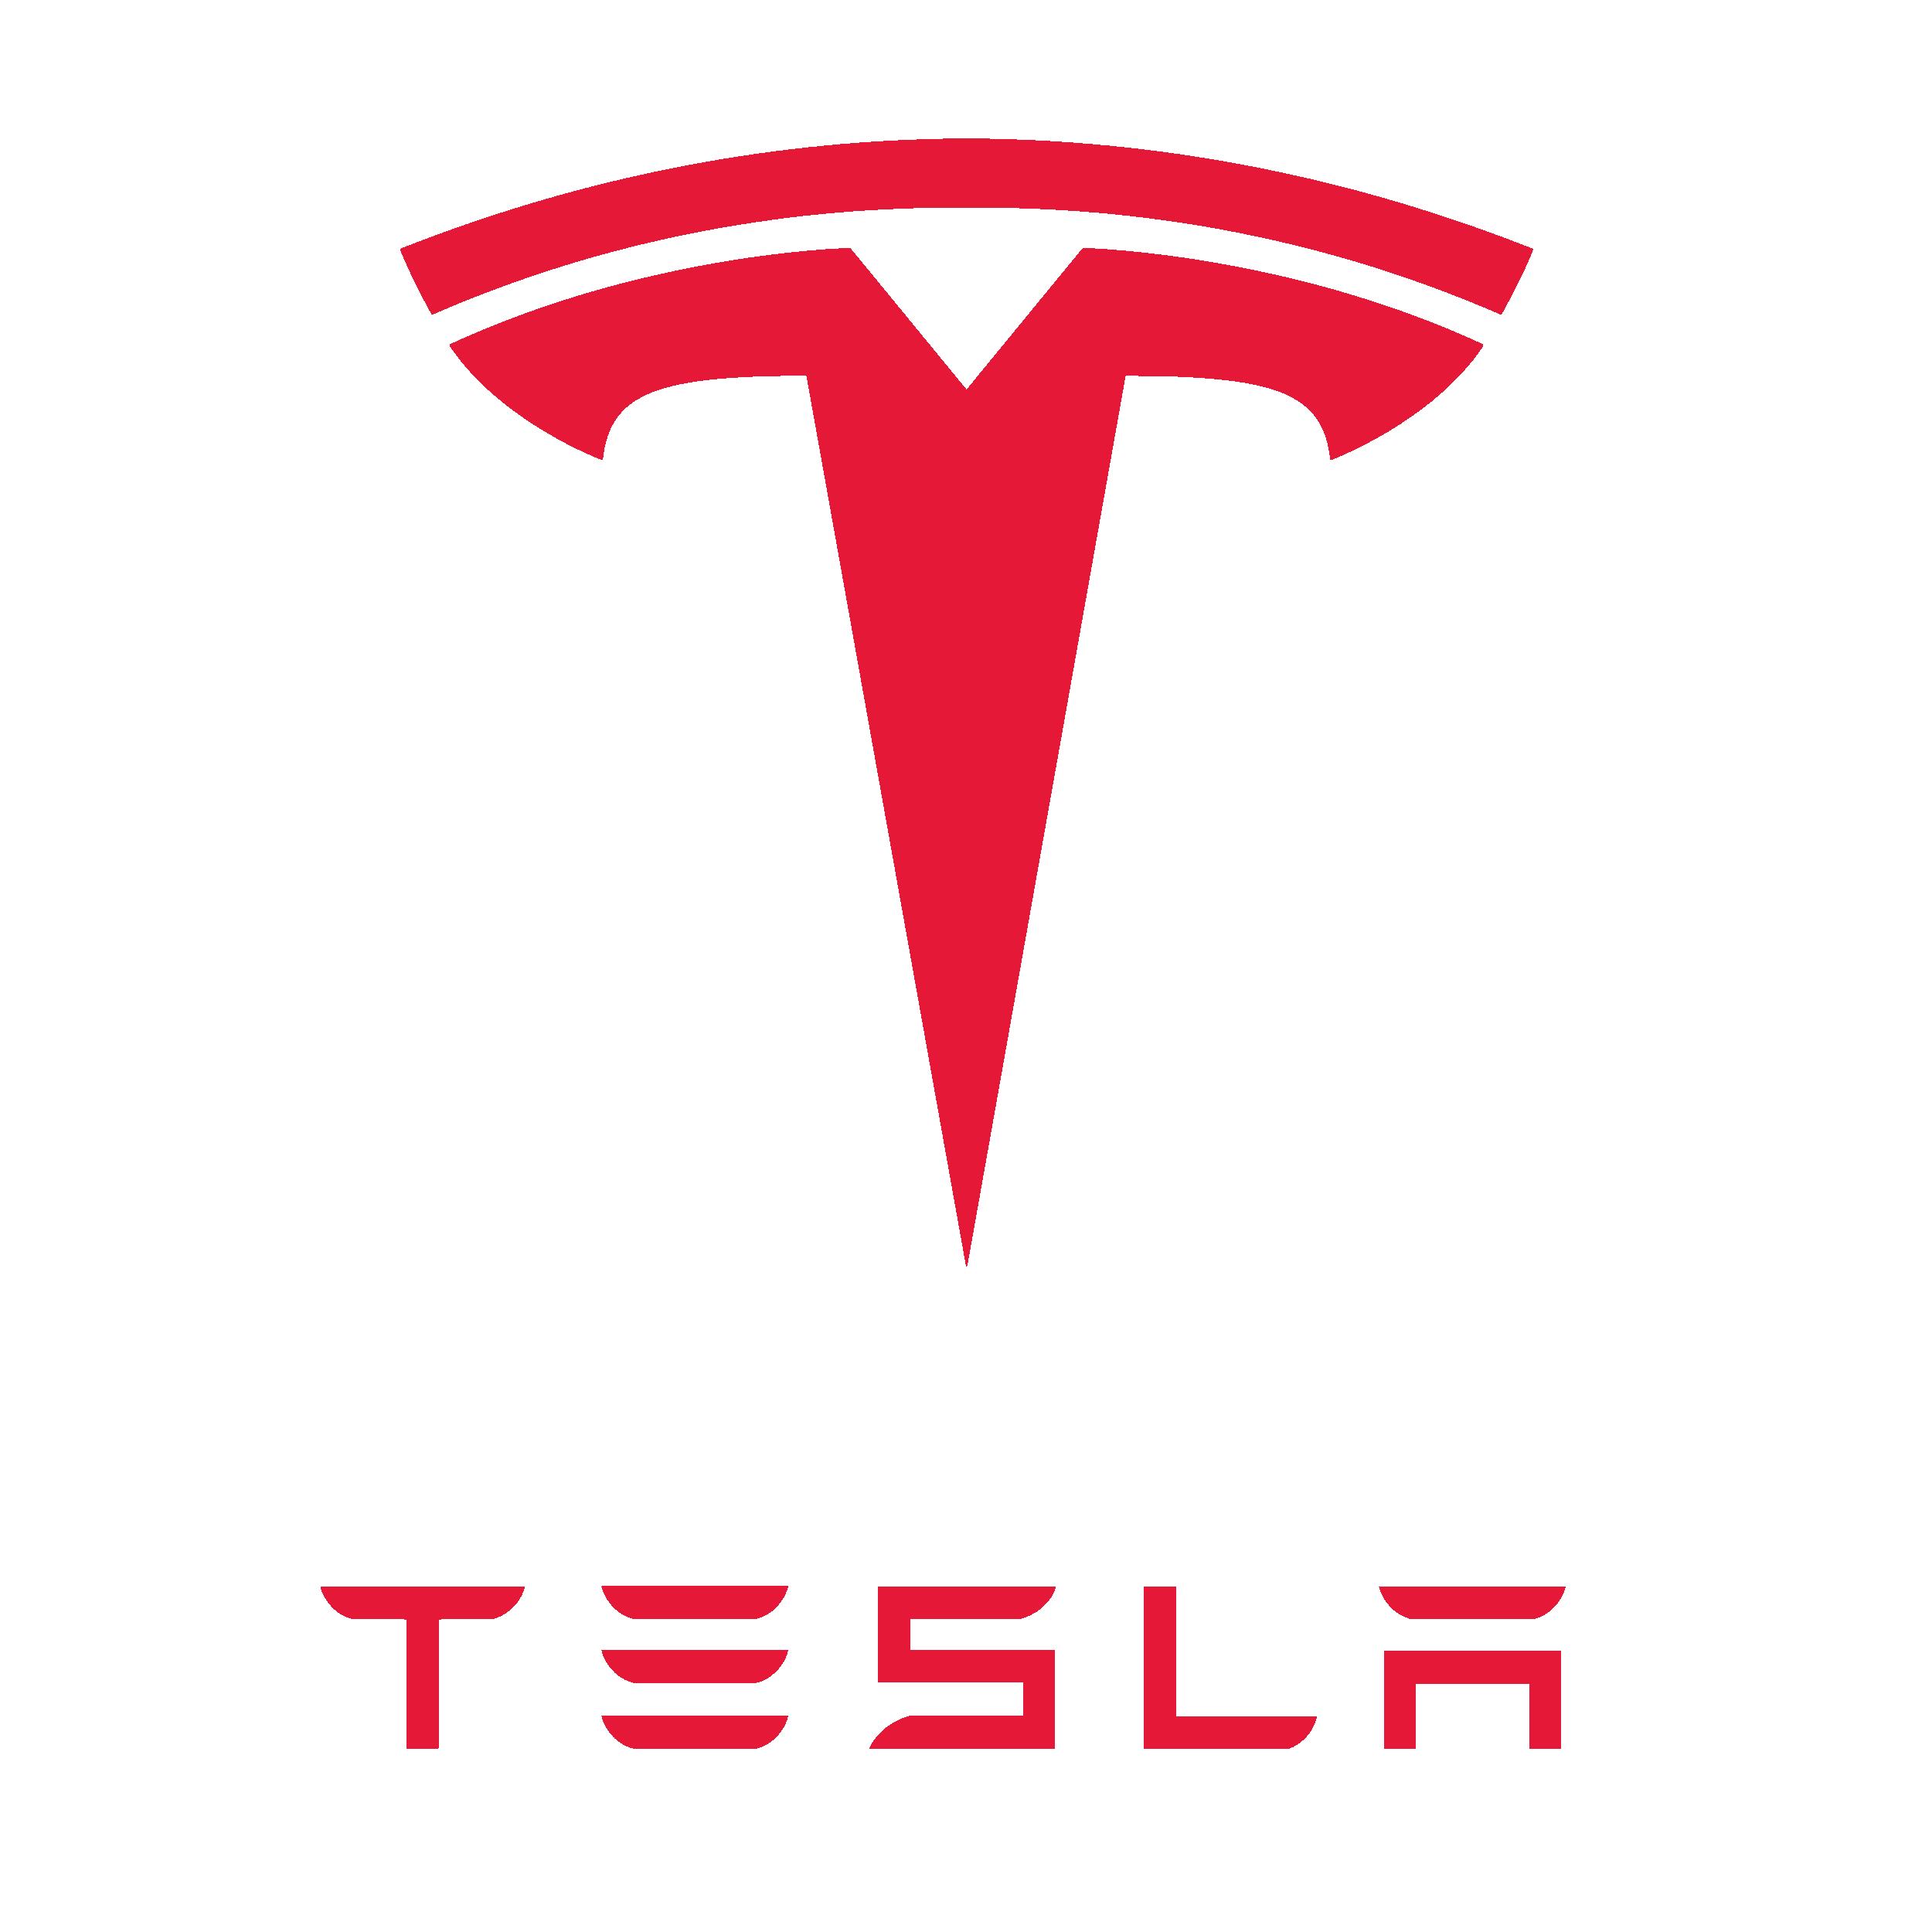 Tesla-logo-2003-2500x2500-1.png